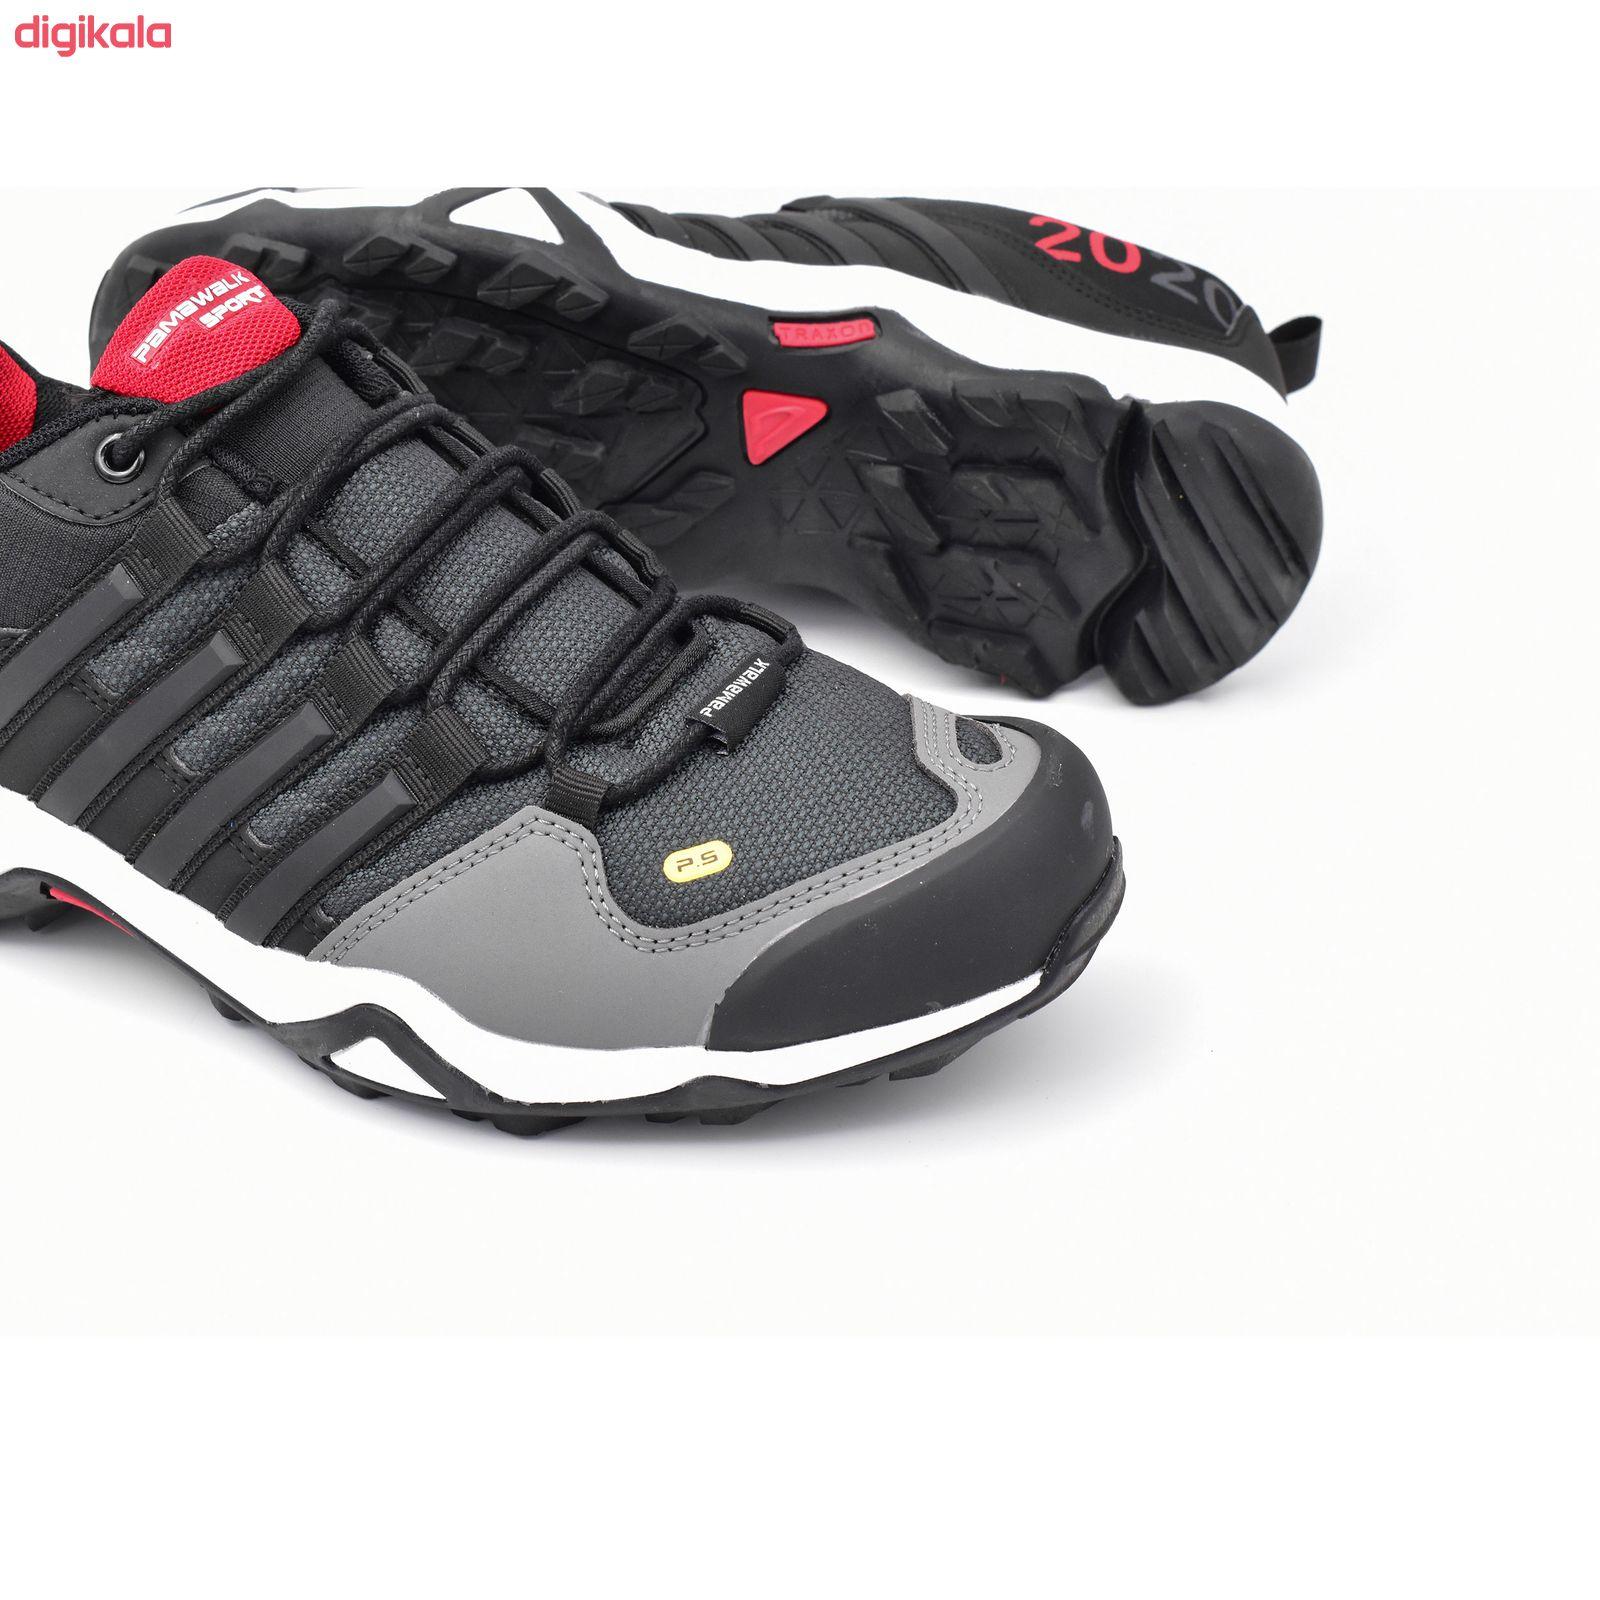 کفش پیاده روی مردانه پاما مدل TT کد 1080-2 main 1 13